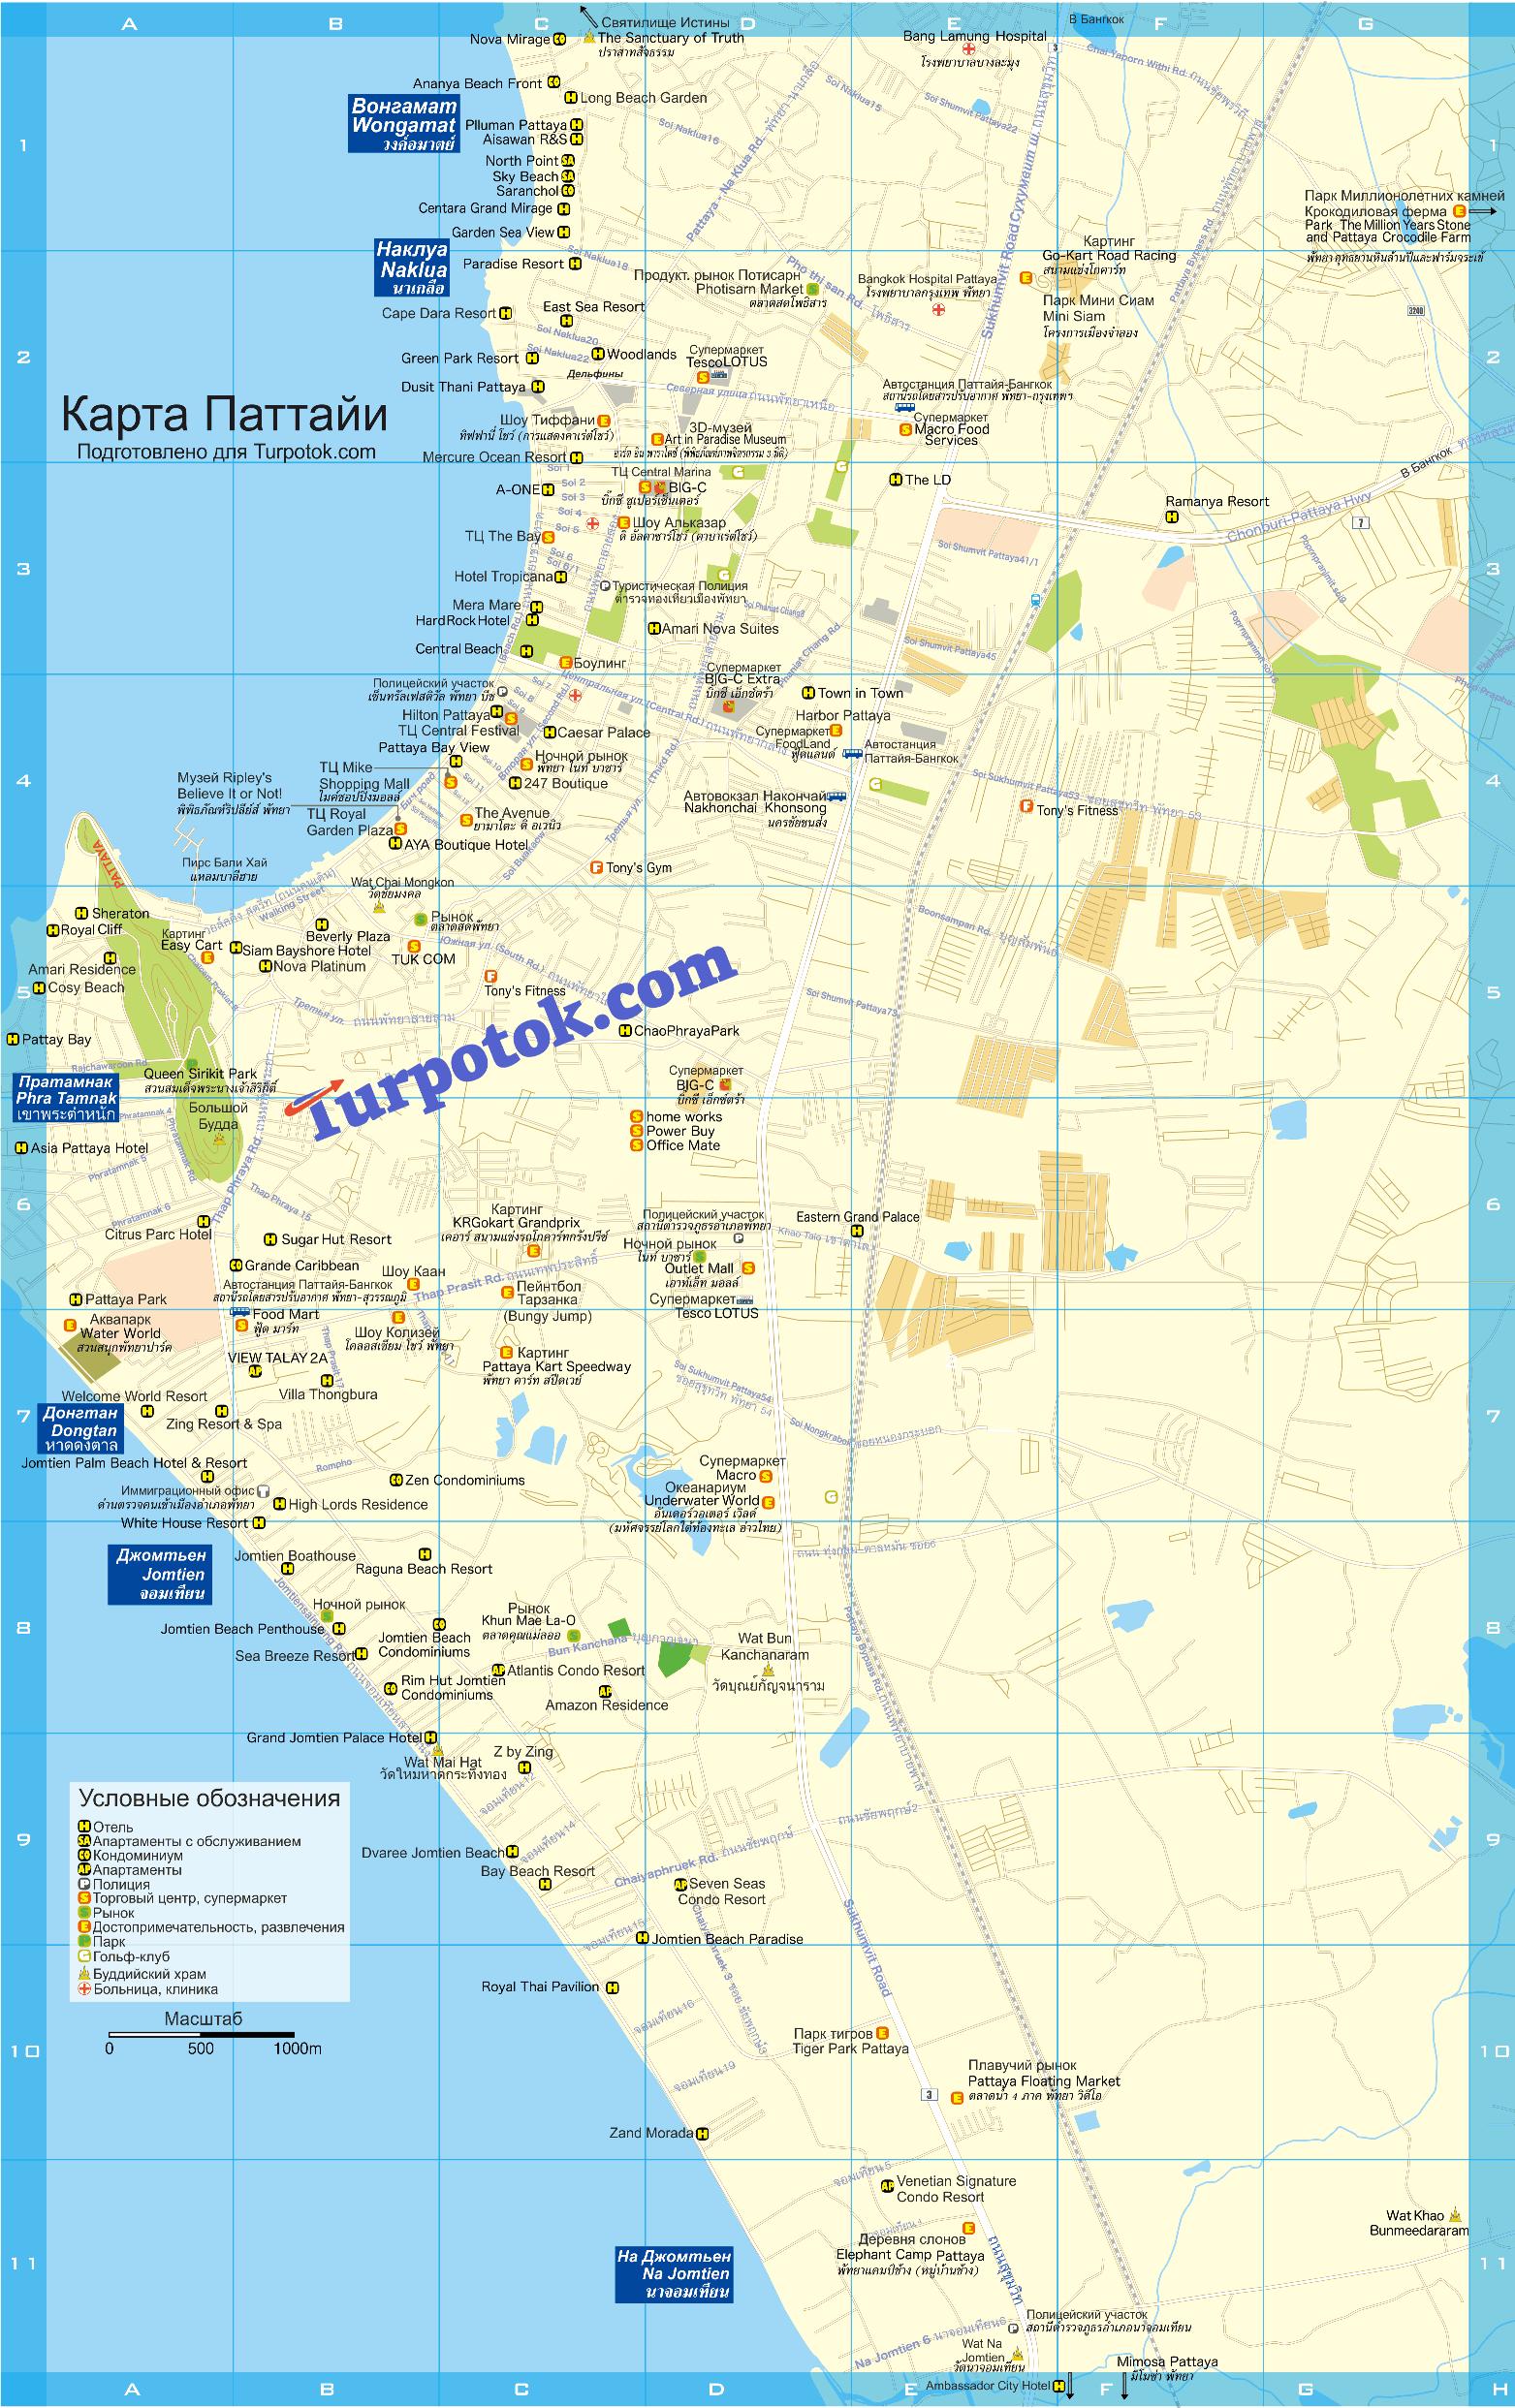 Изображение с детальной картой города Паттайя